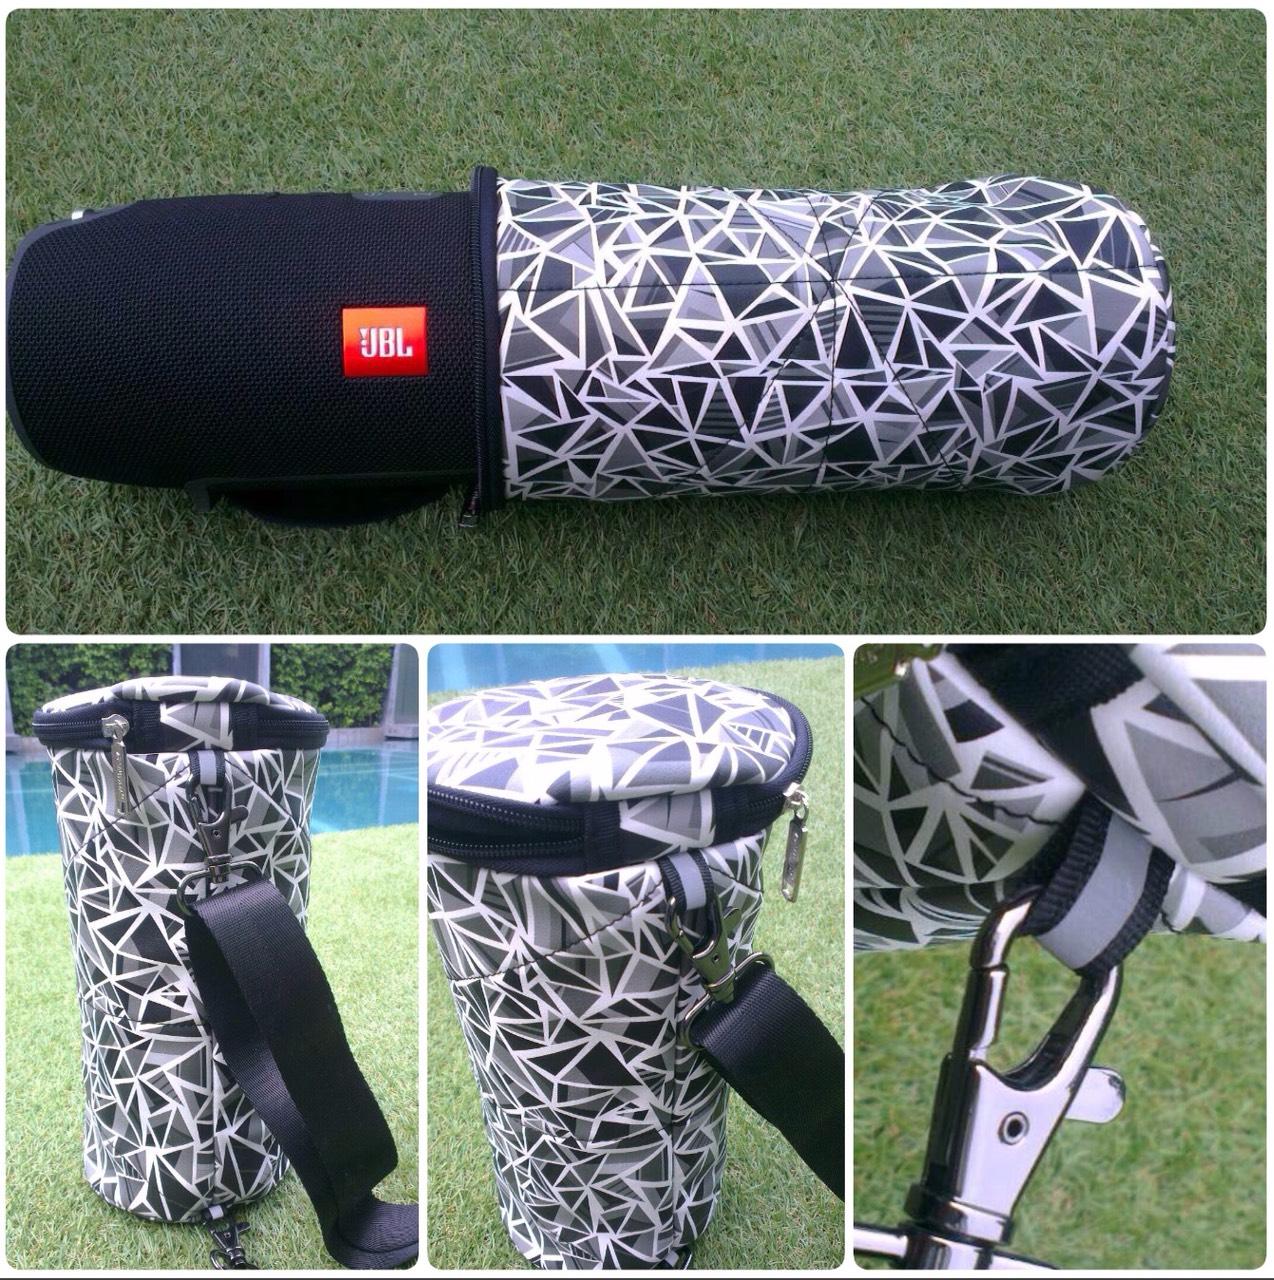 กระเป๋าลำโพง JBL Xtreme ราคา990บาทฟรีEMSSS!!!!